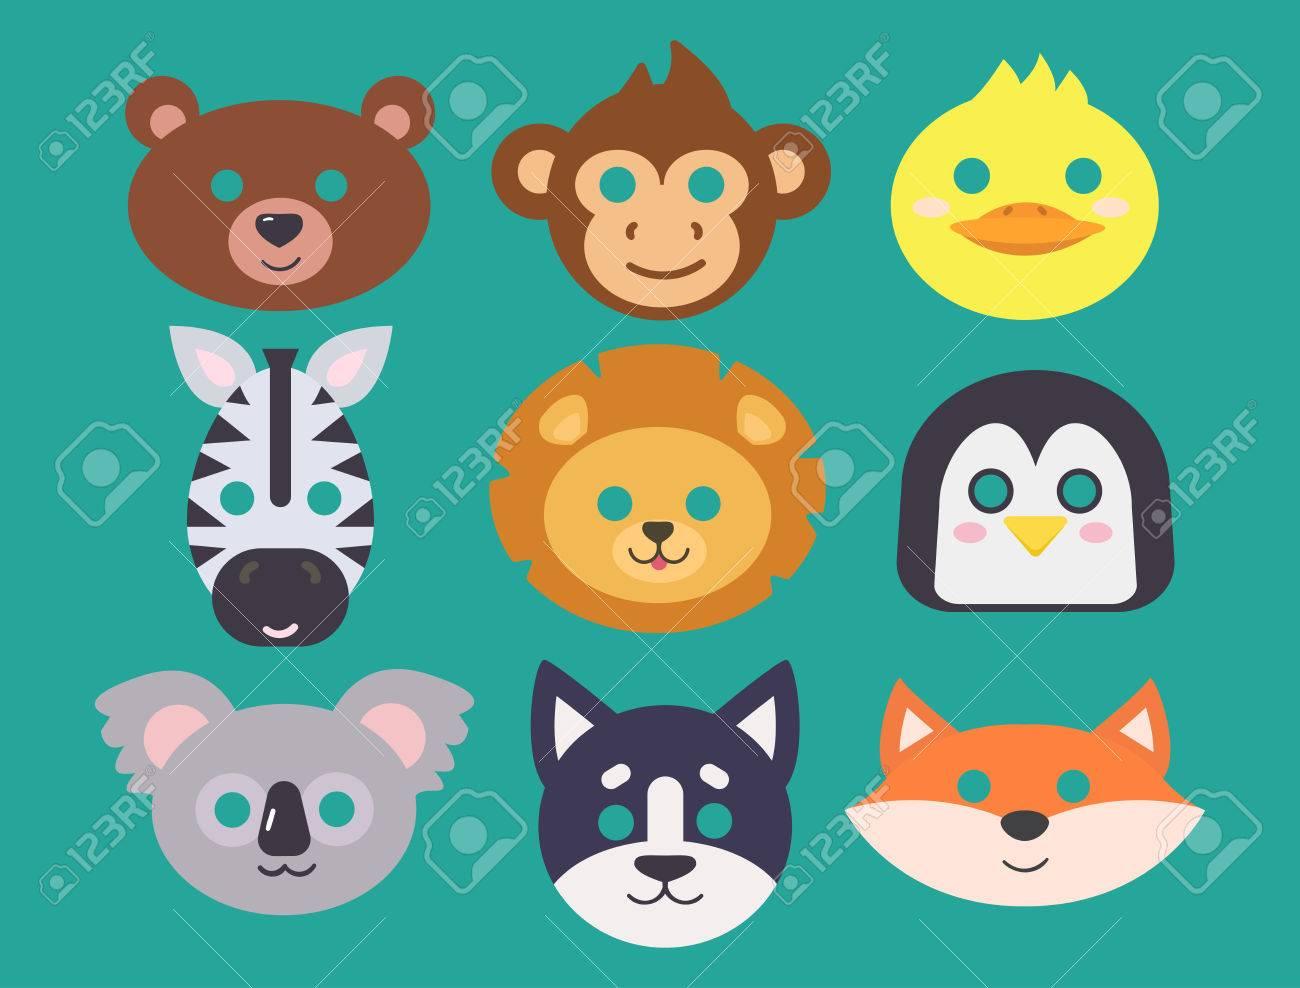 動物カーニバル マスク ベクトルをお祭りの装飾仮面舞踏会やパーティ衣装